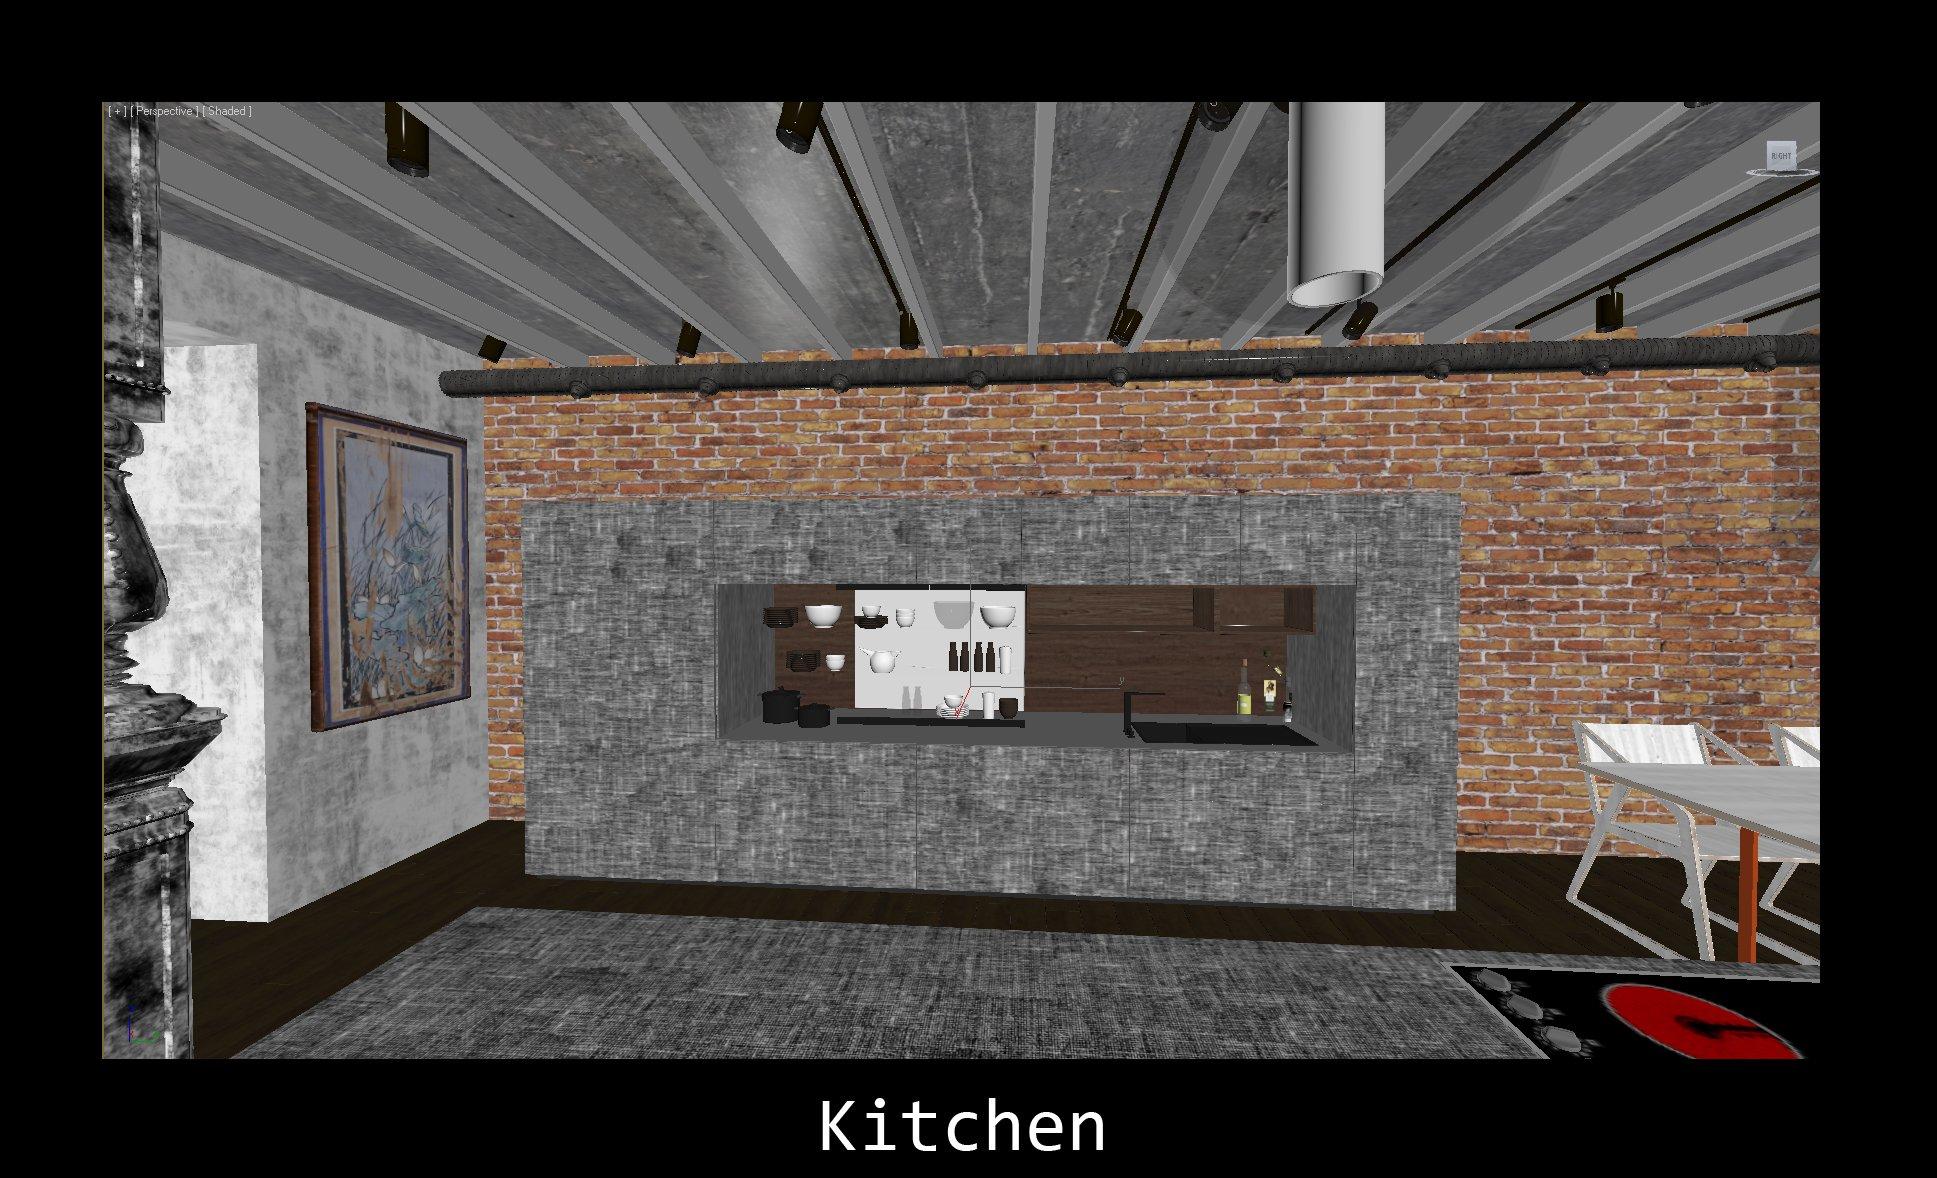 0008_003_Kitchen_NR_02830.jpg